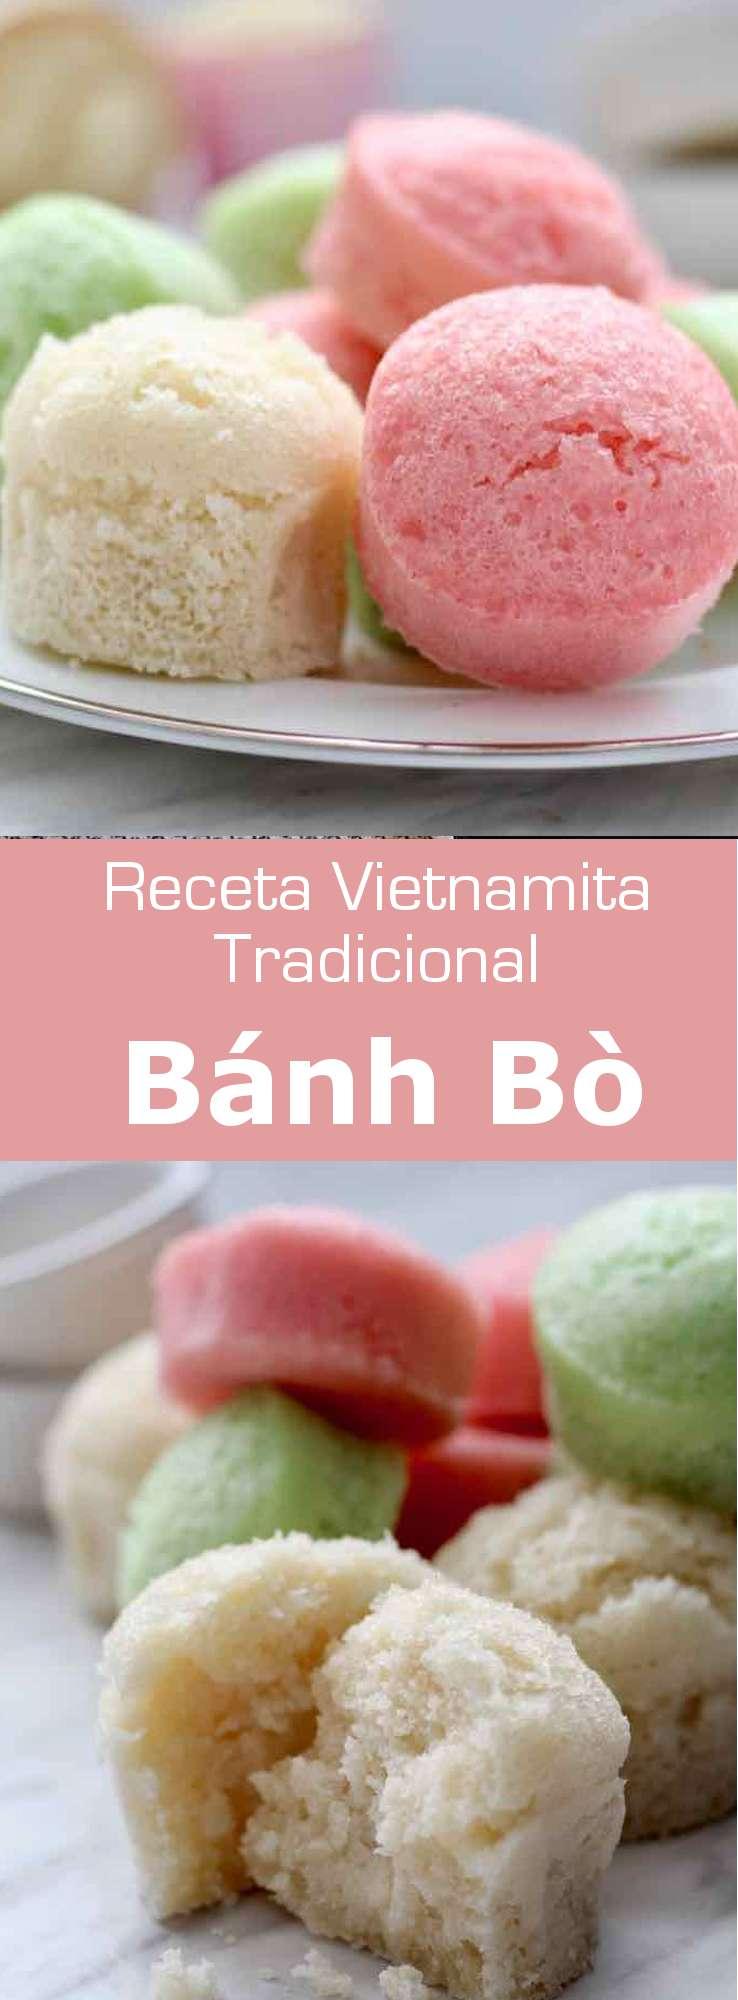 El bánh bò es un tipo de bizcocho cocido al vapor, hecho con harina de arroz, que es originario del sur de China y es popular en Vietnam.